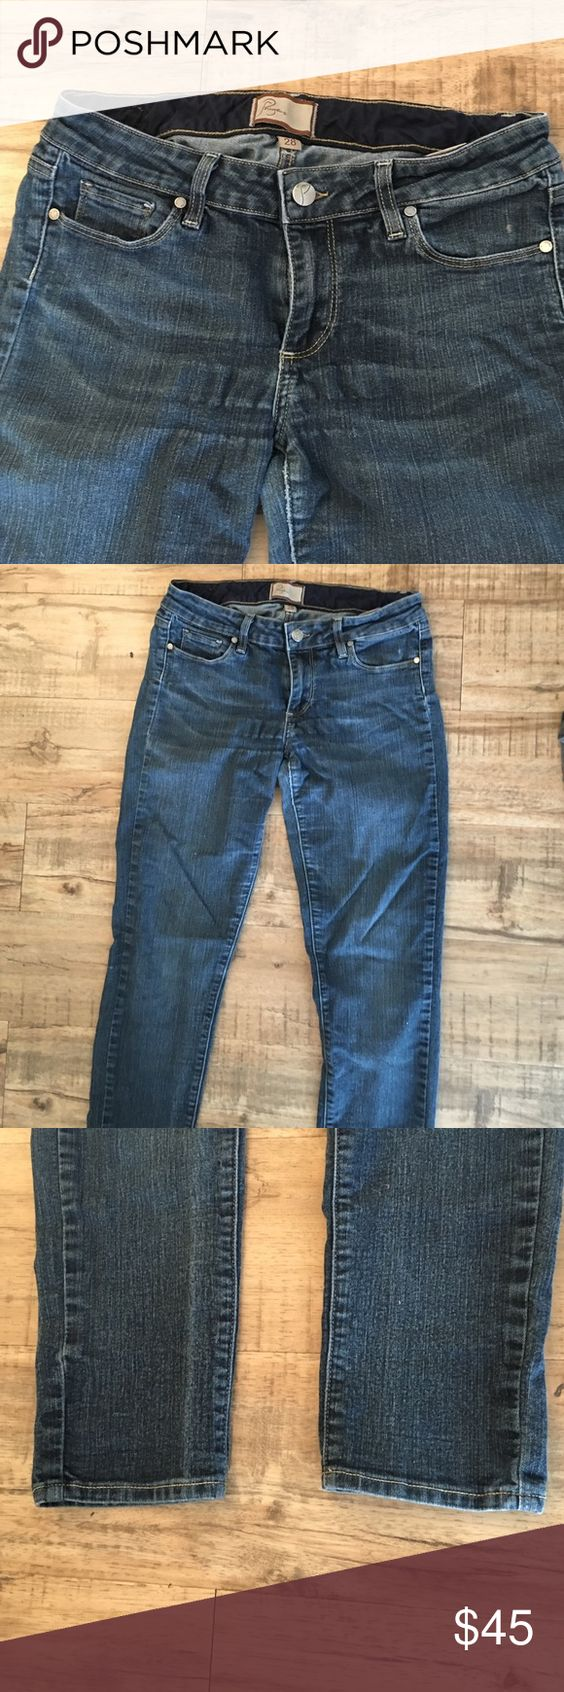 Paige dark denim jeans Dark denim, size 28 Paige jeans. No rips or holes. Paige Jeans Pants Straight Leg